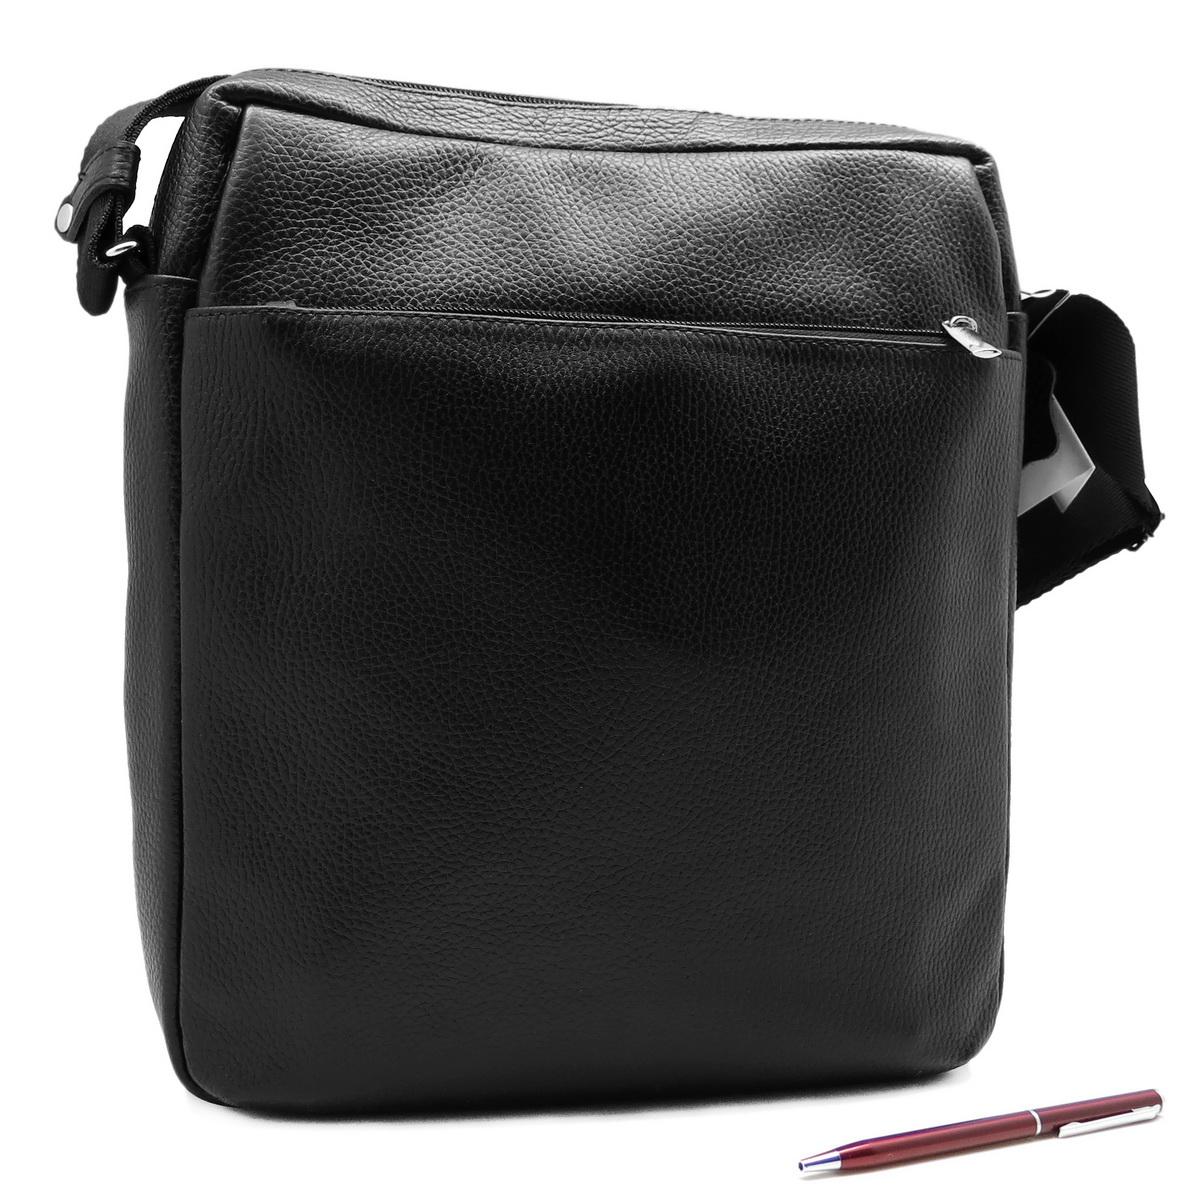 Сумка мужская Alexandr, цвет: черный. П-37б/63П-37б/63Стильная мужская сумка Alexandr изготовлена из натуральной кожи с зернистой фактурой, оформлена металлической фурнитурой. Изделие содержит одно отделение, которое закрывается на застежку-молнию. Внутри сумки расположен врезной карман на молнии. На лицевой стороне расположен накладной карман на молнии. Задняя стенка сумки дополнена врезным карманом на молнии. Изделие оснащено наплечным ремнем, длина которого регулируется при помощи пряжки. Практичный аксессуар вместит в себя все необходимое и позволит сохранить ваши документы.